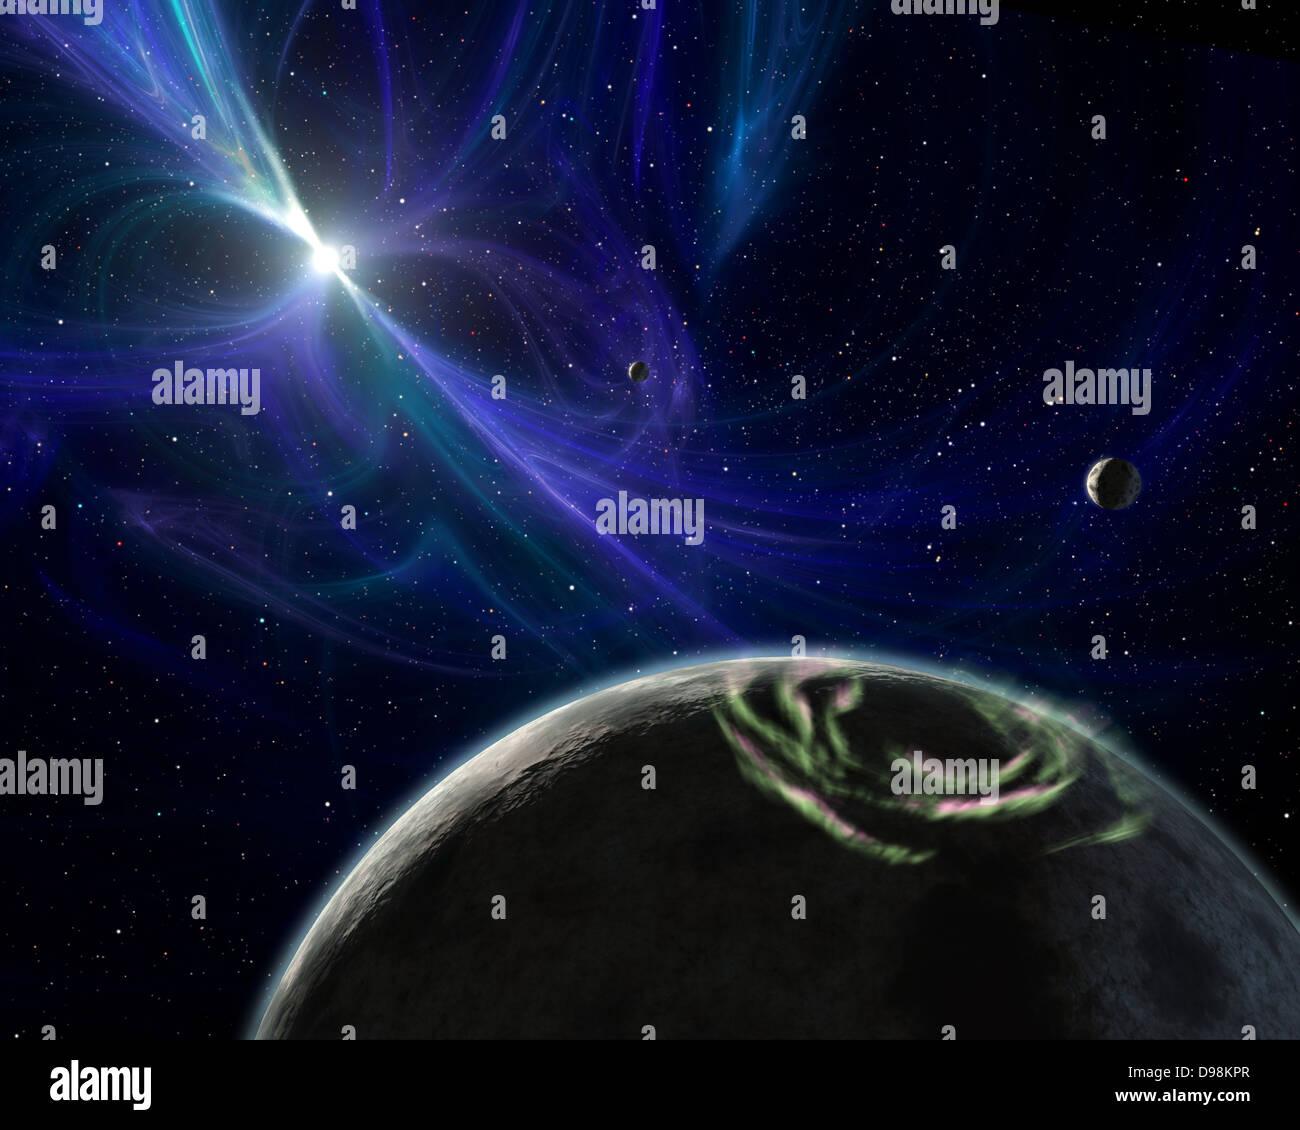 Concept de l'artiste du système planète pulsar découvert par Aleksander Wolszczan en 1992. Wolszczan utilisé le Banque D'Images